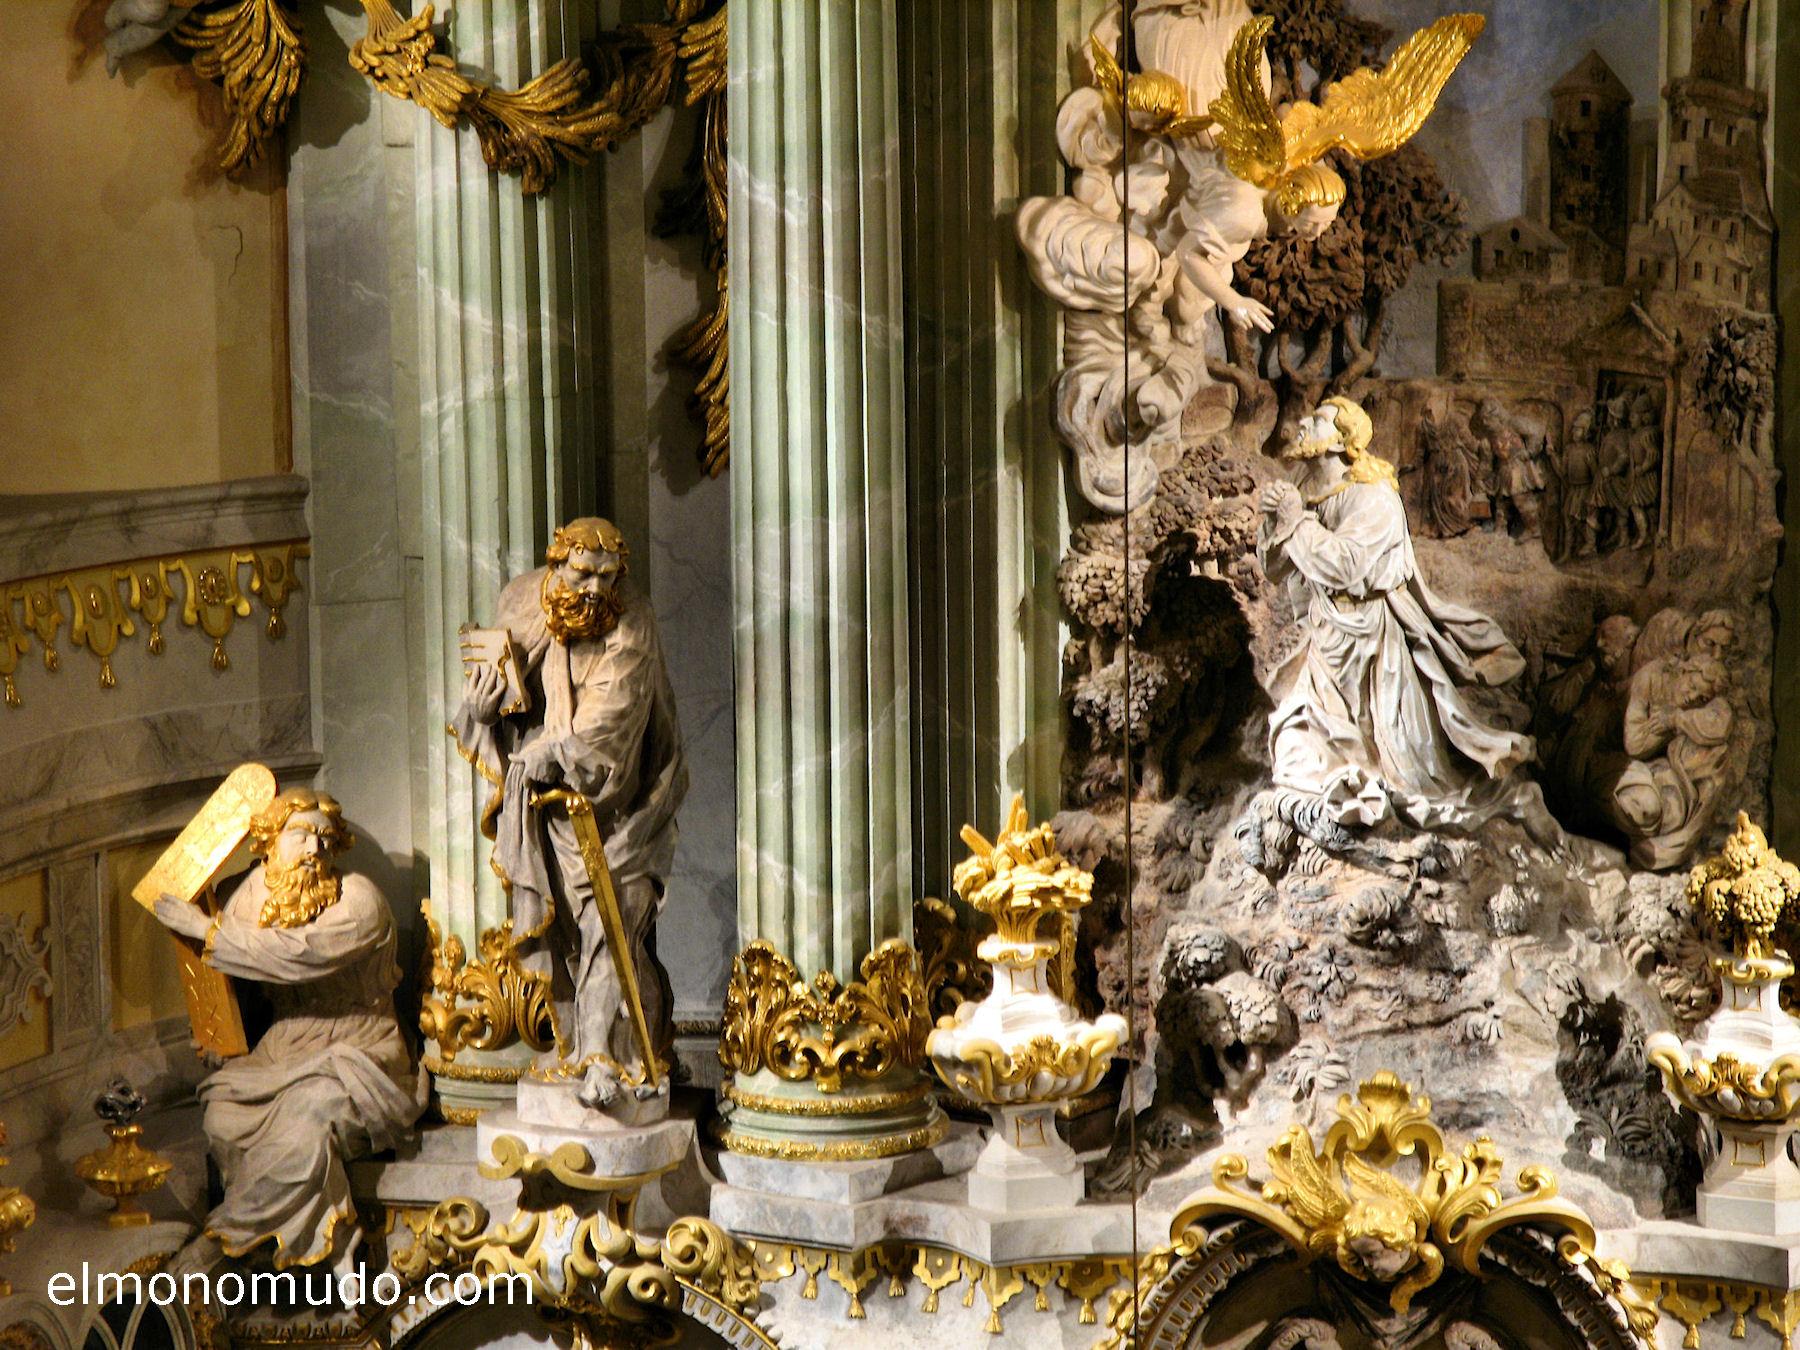 frauenkirche-interior-retablo-centro-detalle-zoom